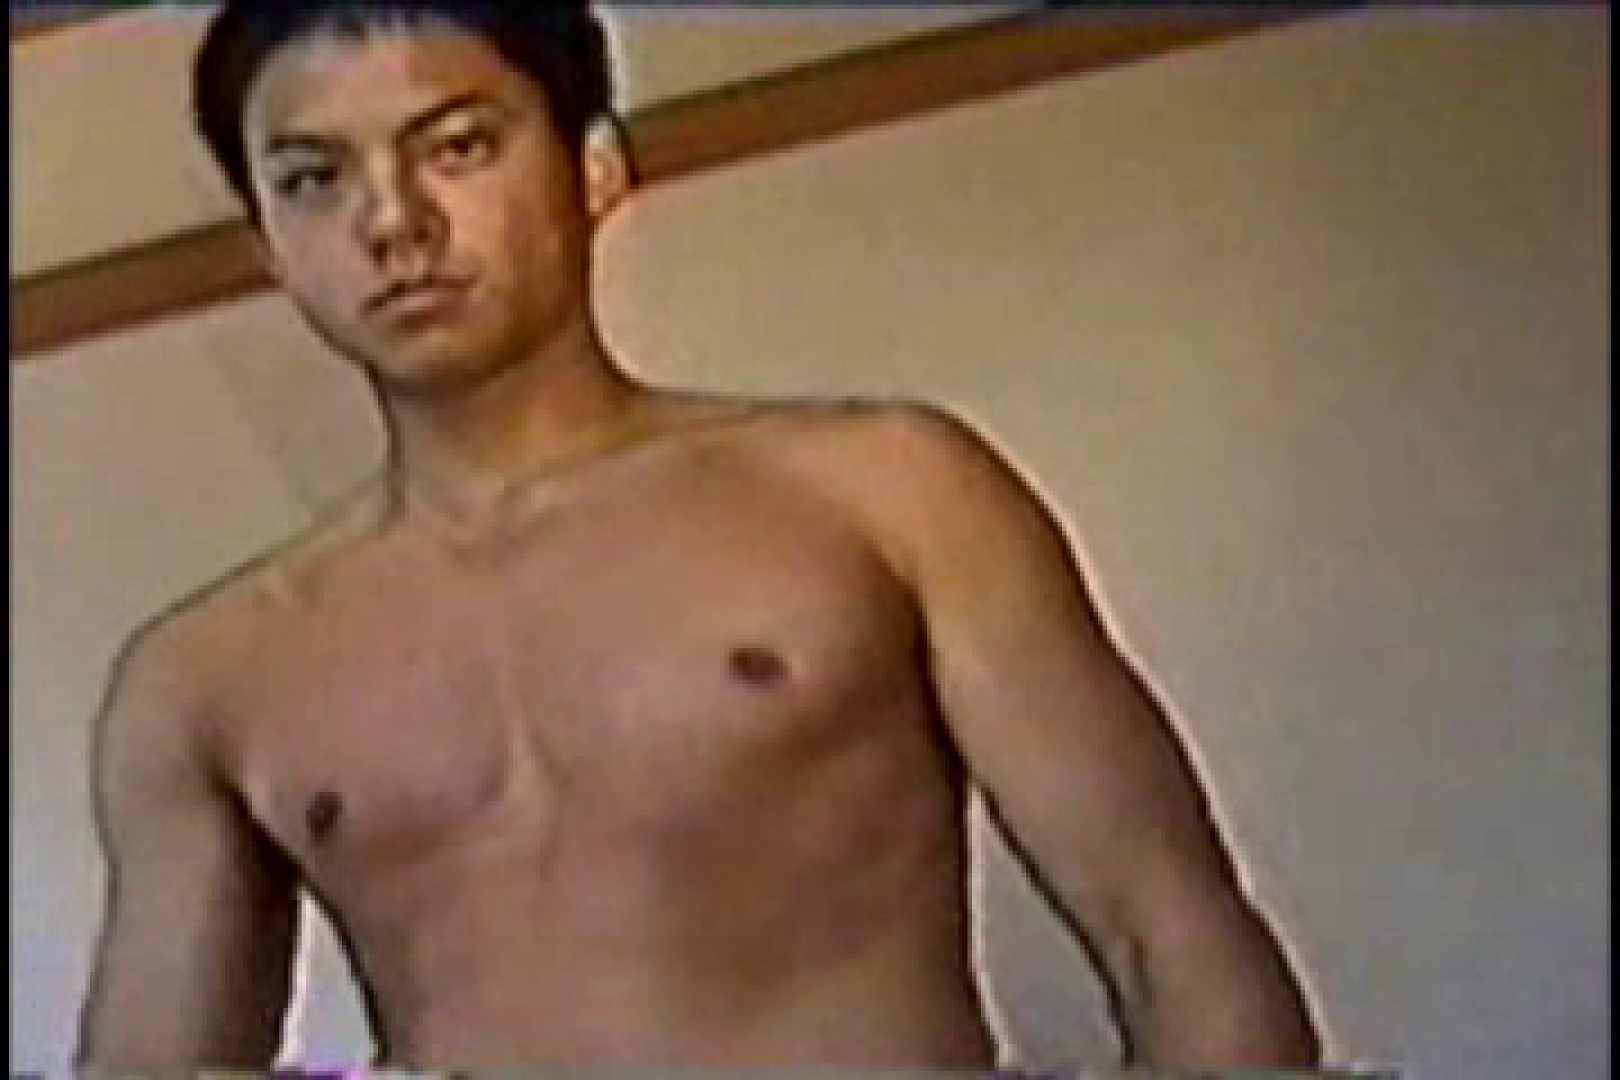 『ノンケ・スポーツマンシップとは・・・! ! 』 第3戦 肉  97pic 93